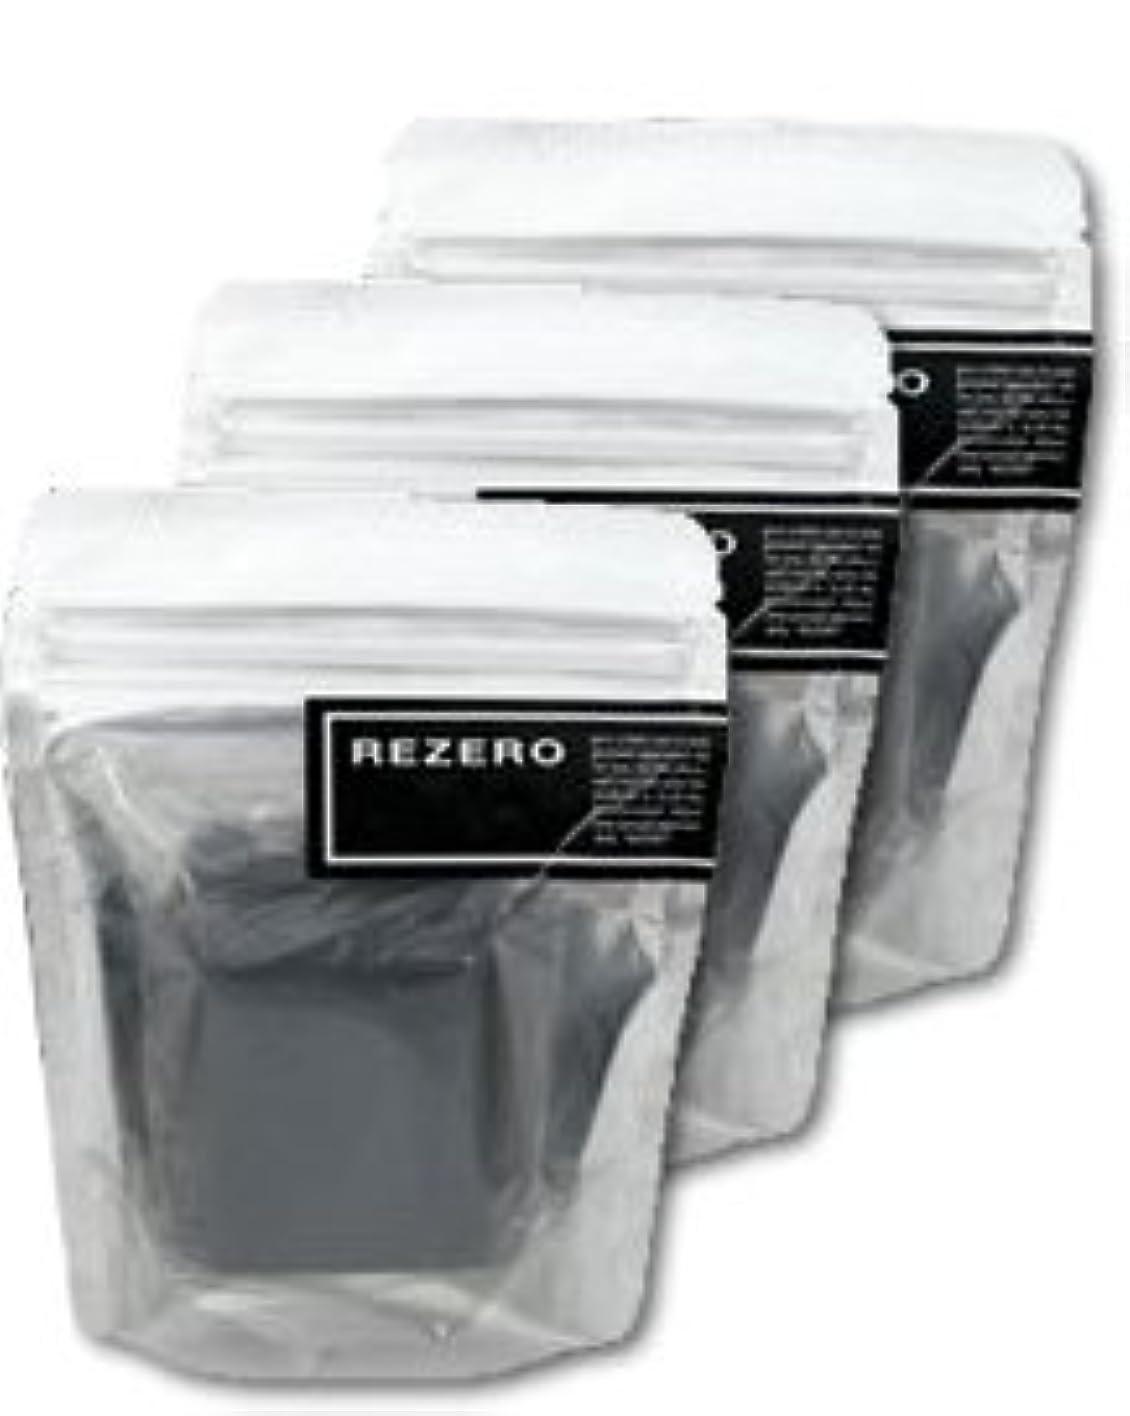 製油所繊維それからリゼロ プレミアム柿炭ソープ 90g×3個セット